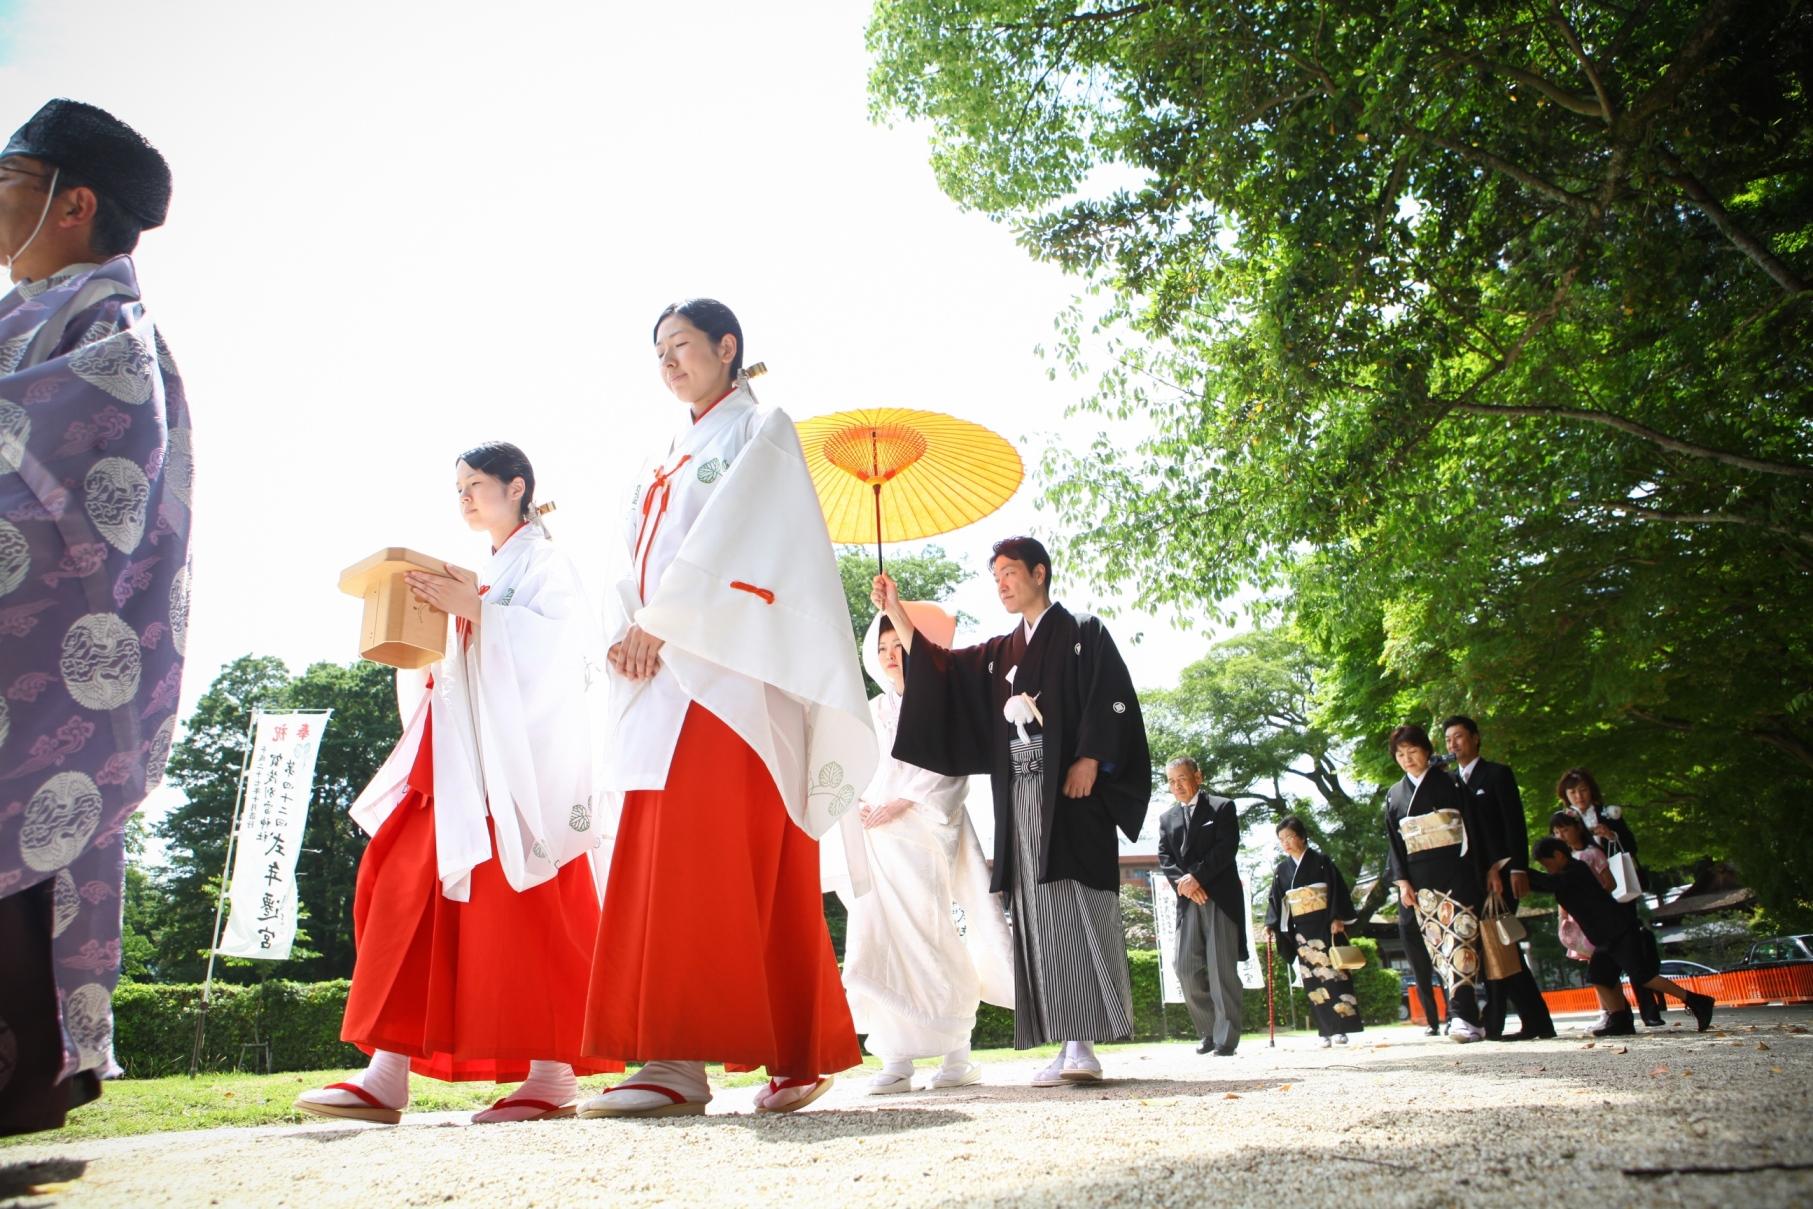 【京都結婚式のお勉強①】神前式のマメ知識~参進の儀は想いを込めて~